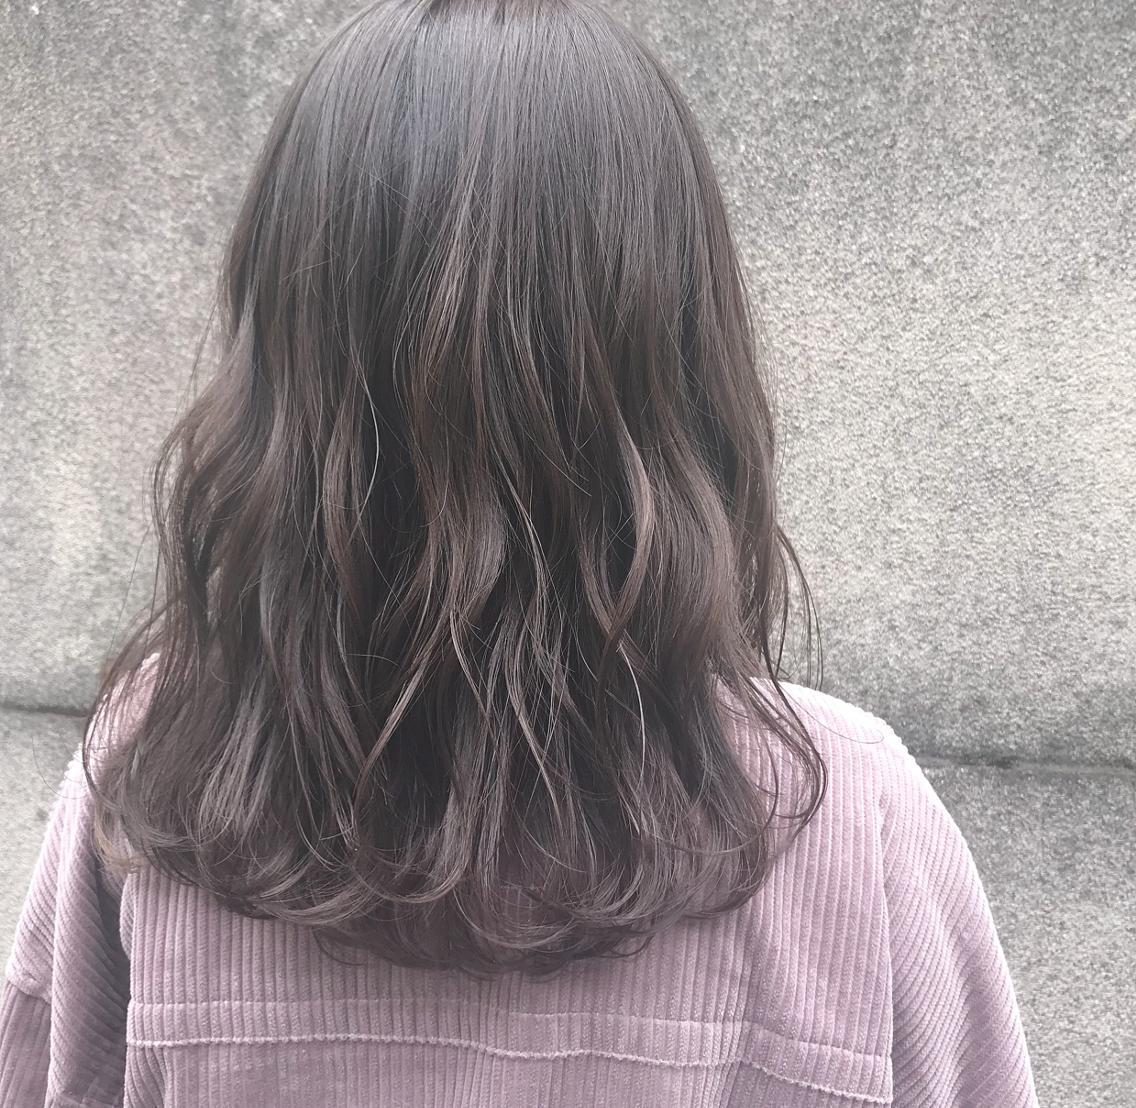 表参道駅◎当日予約可能です!スタイリングしやすい髪型の中にトレンドも提案させて頂きます♡メニュー特別価格でご案内♡お気軽にご連絡下さい